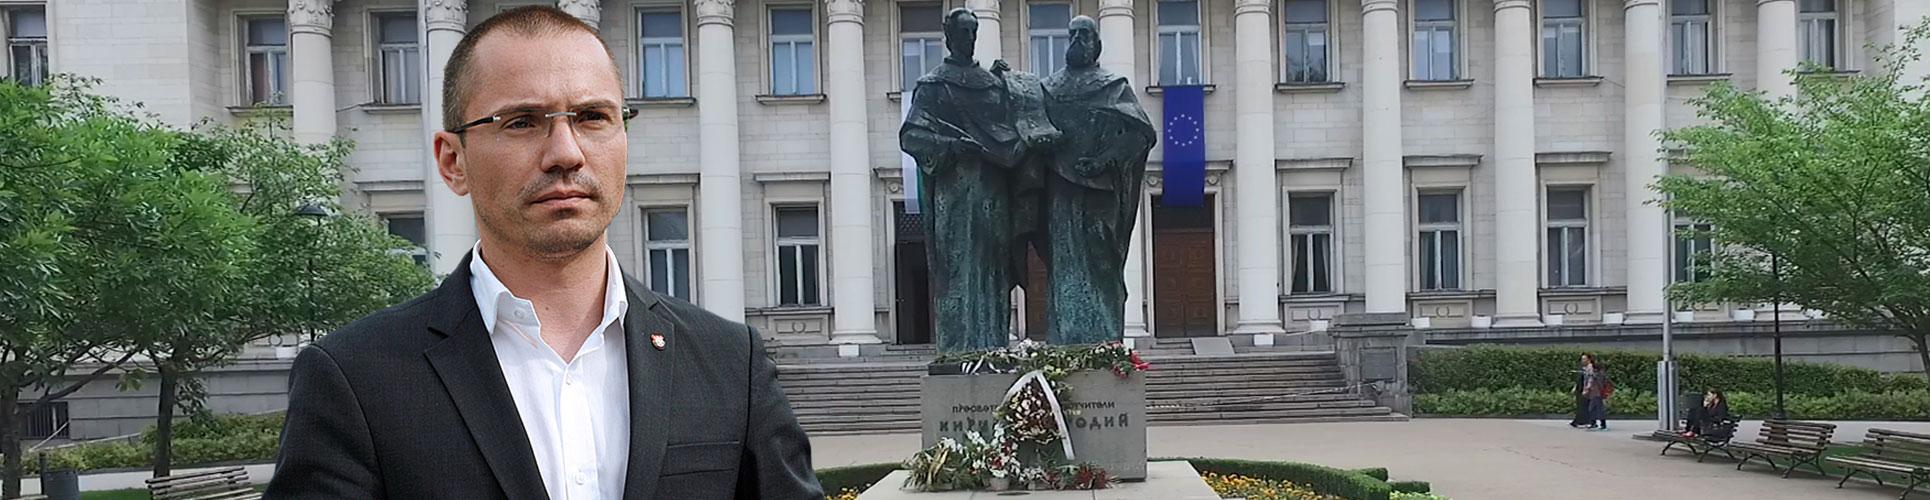 """Създаване на Български културен институт """"Св. Св. Кирил и Методий"""""""